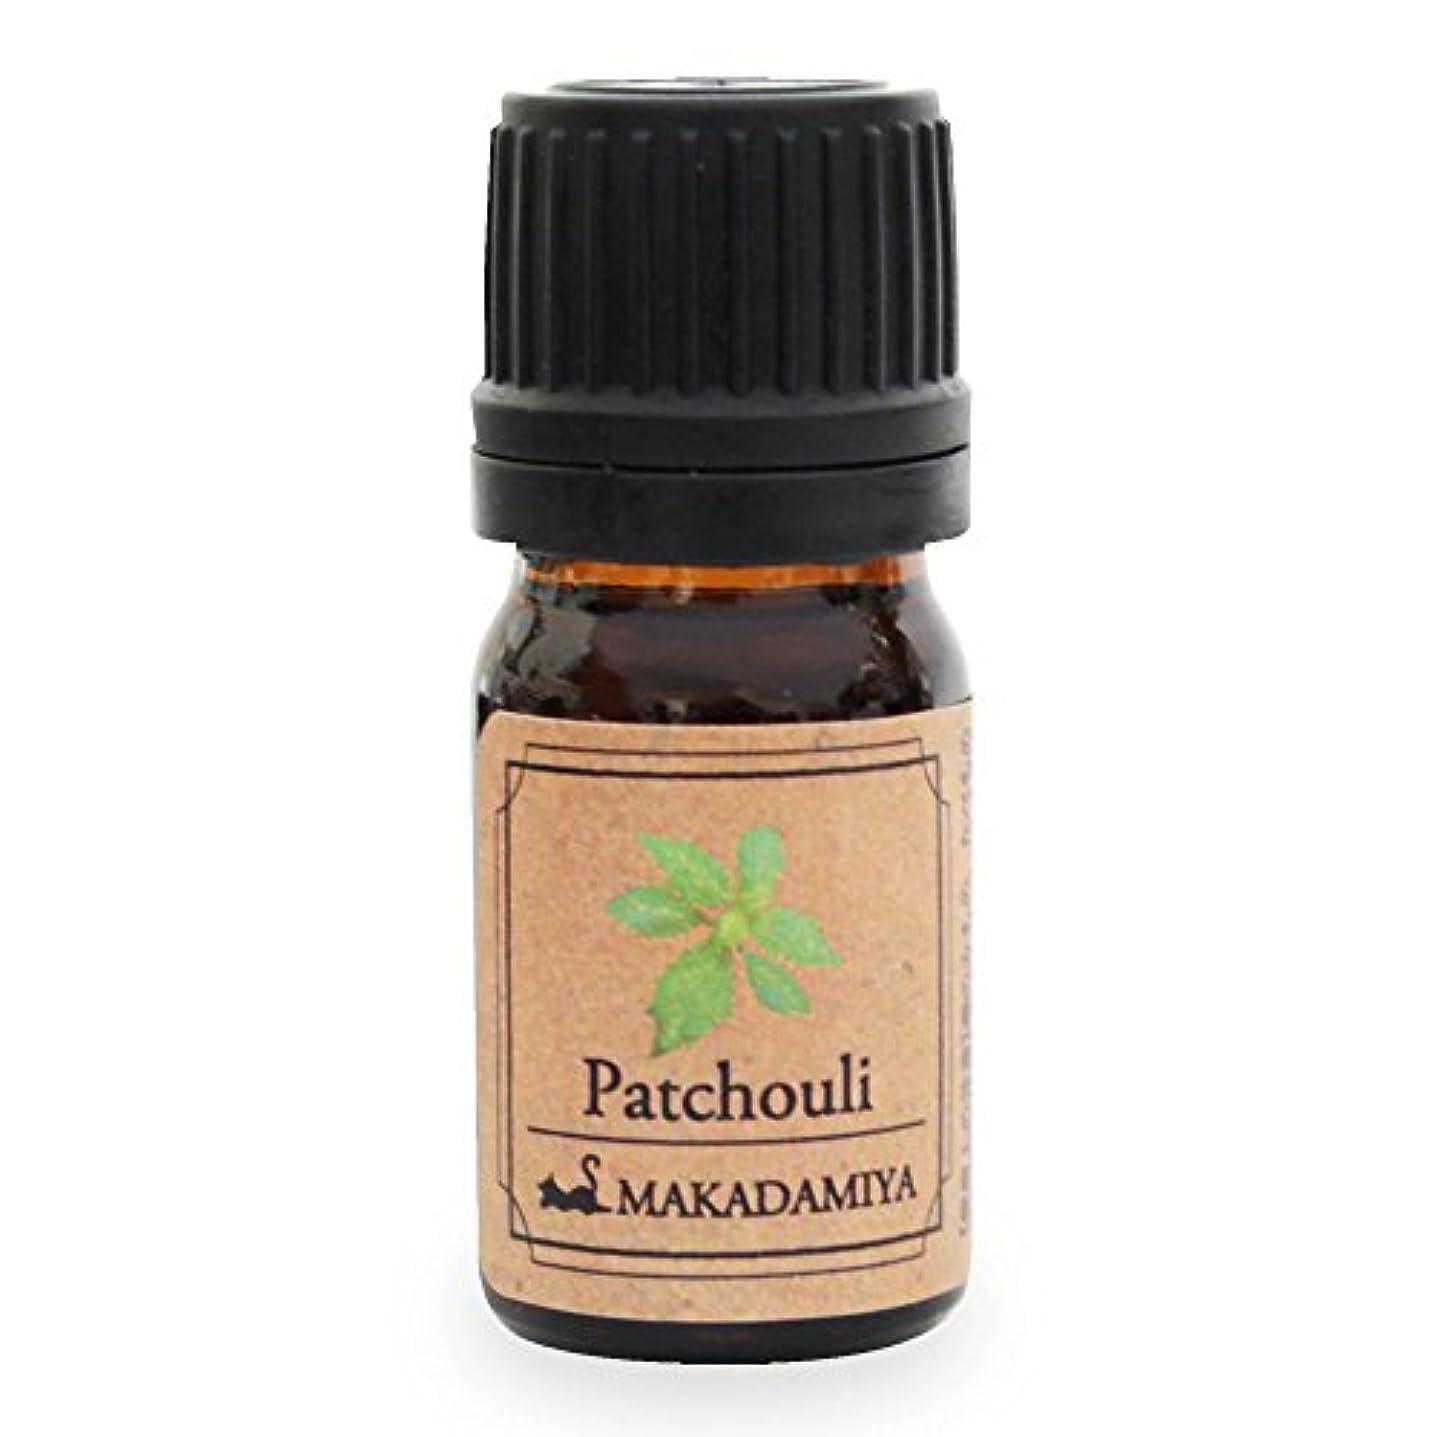 前任者急速な蒸発パチュリ5ml 天然100%植物性 エッセンシャルオイル(精油) アロマオイル アロママッサージ aroma Patchouli